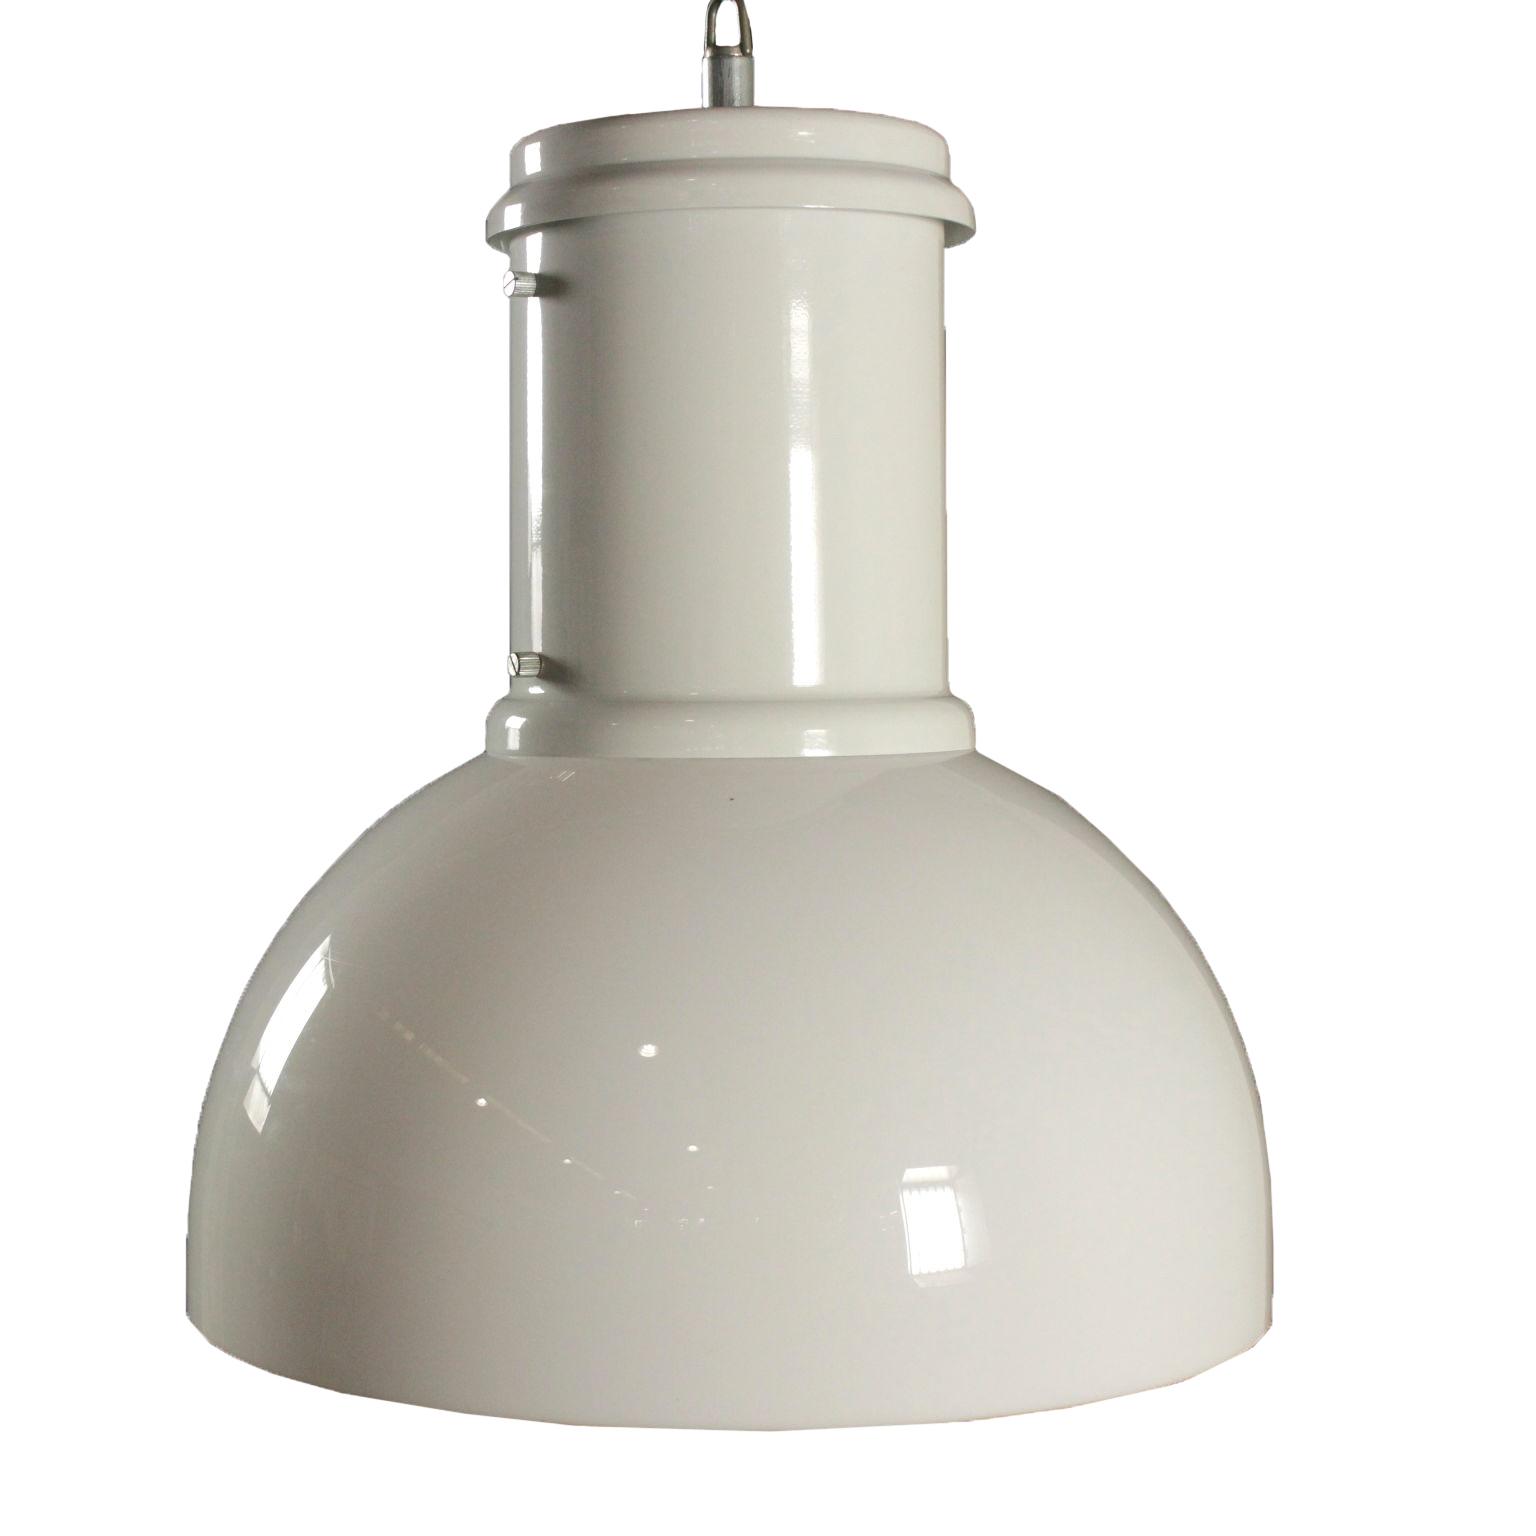 Lampe FontanaArte - Beleuchtung - Moderne - dimanoinmano.it